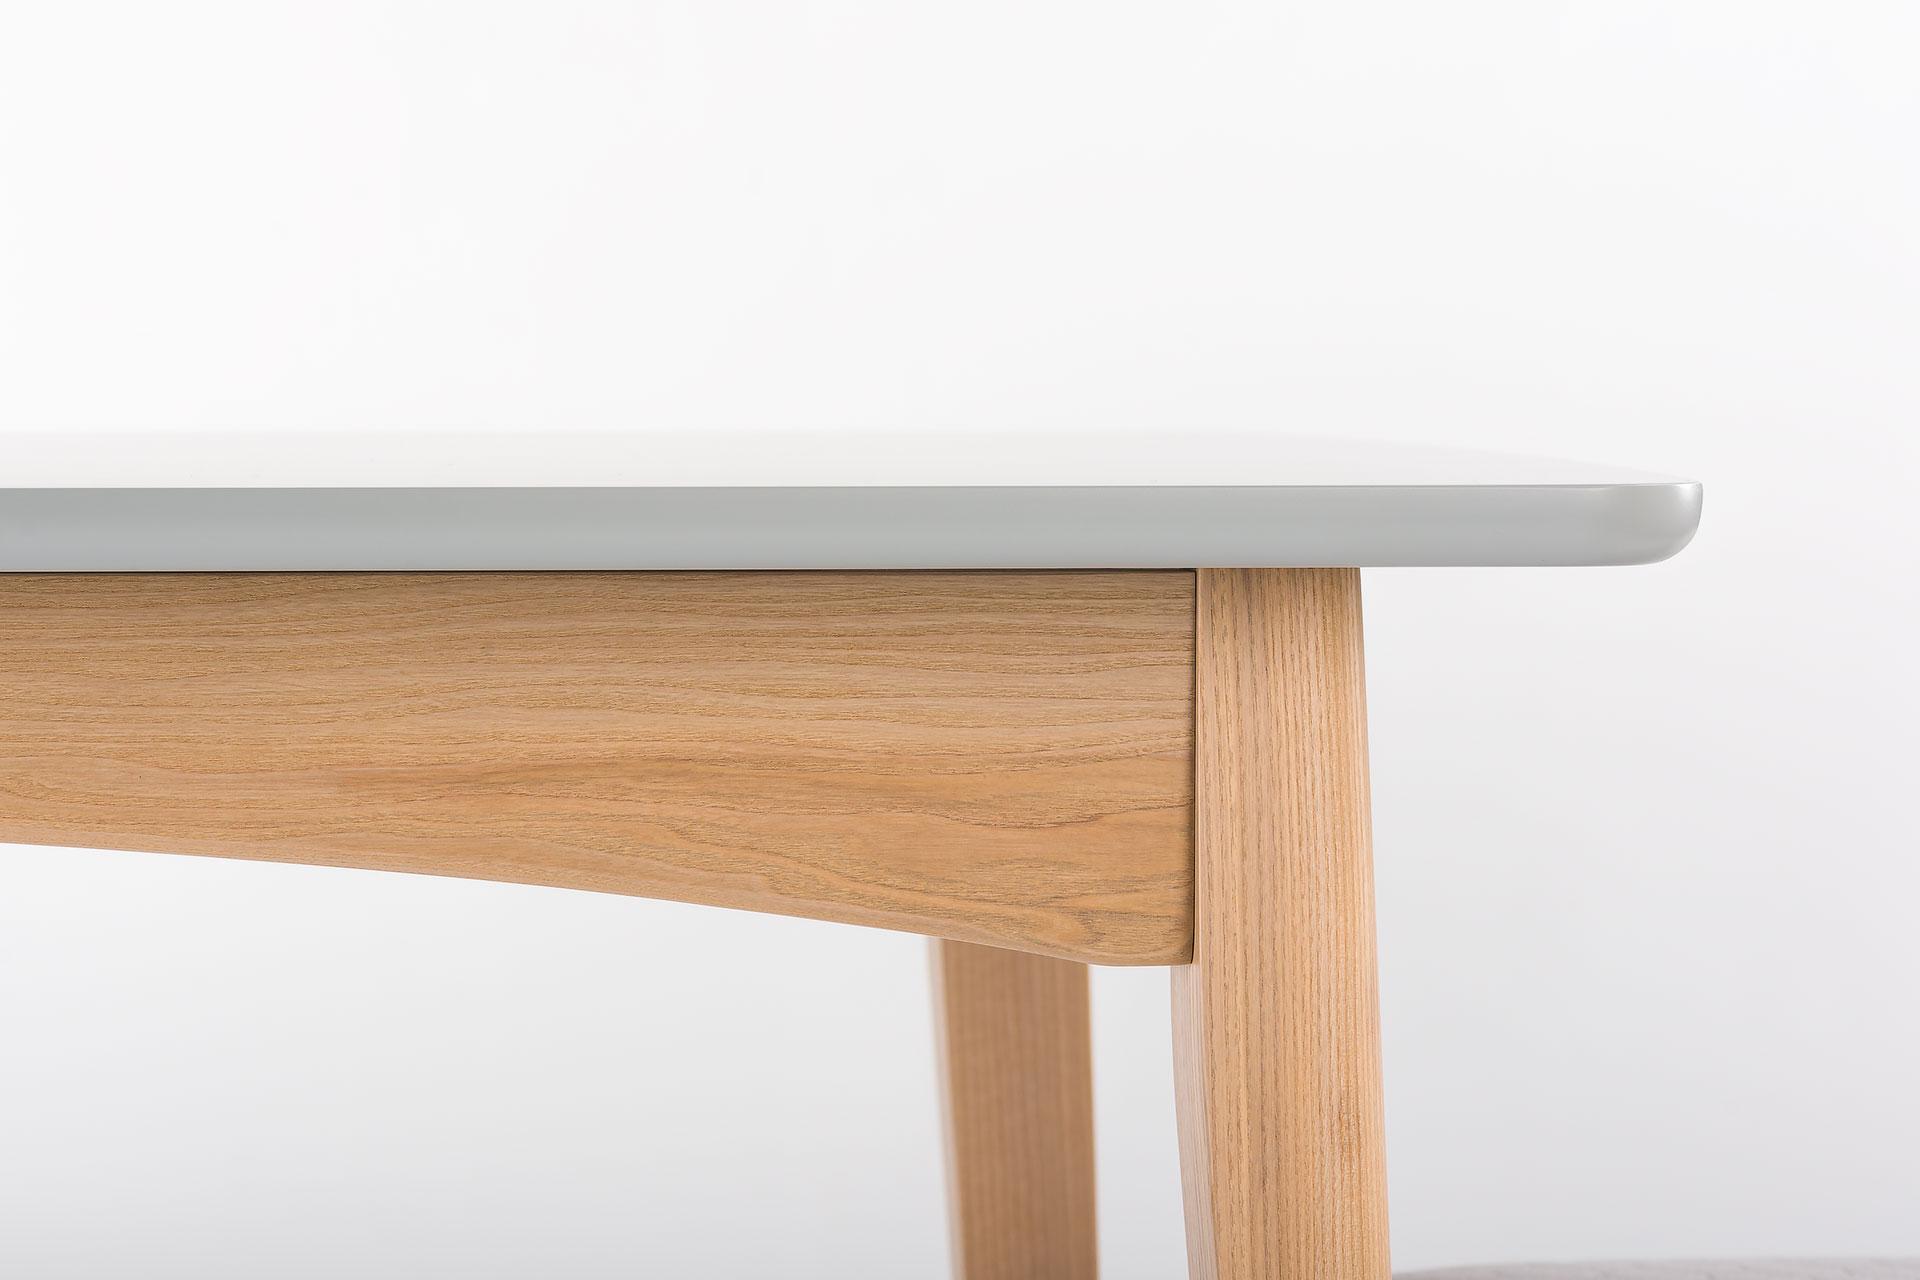 """Раскладной кухонный стол """"Венти"""" - прямоугольная столешница с раскладным механизмом, покрыта серой эмалью, цвет RAL-7004. Ножки и царга с твердого дерева, тонированы, цвет SE-7509. Твердое дерево. Вид - с боку"""